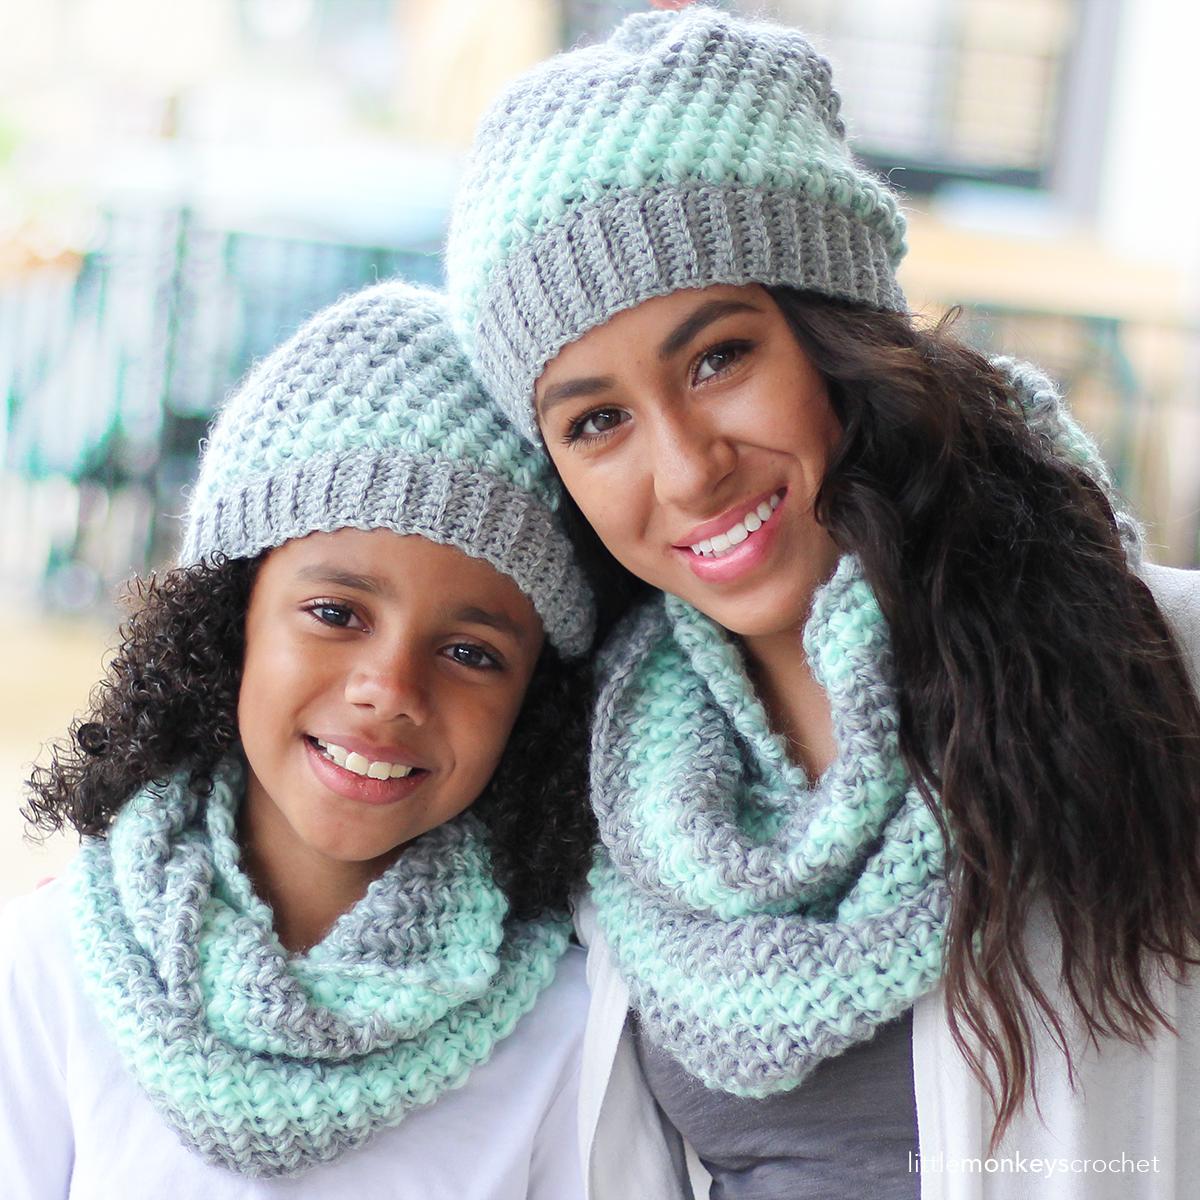 Landon Slouch Hat & Scarf Set   Little Monkeys Crochet   Crochet ...